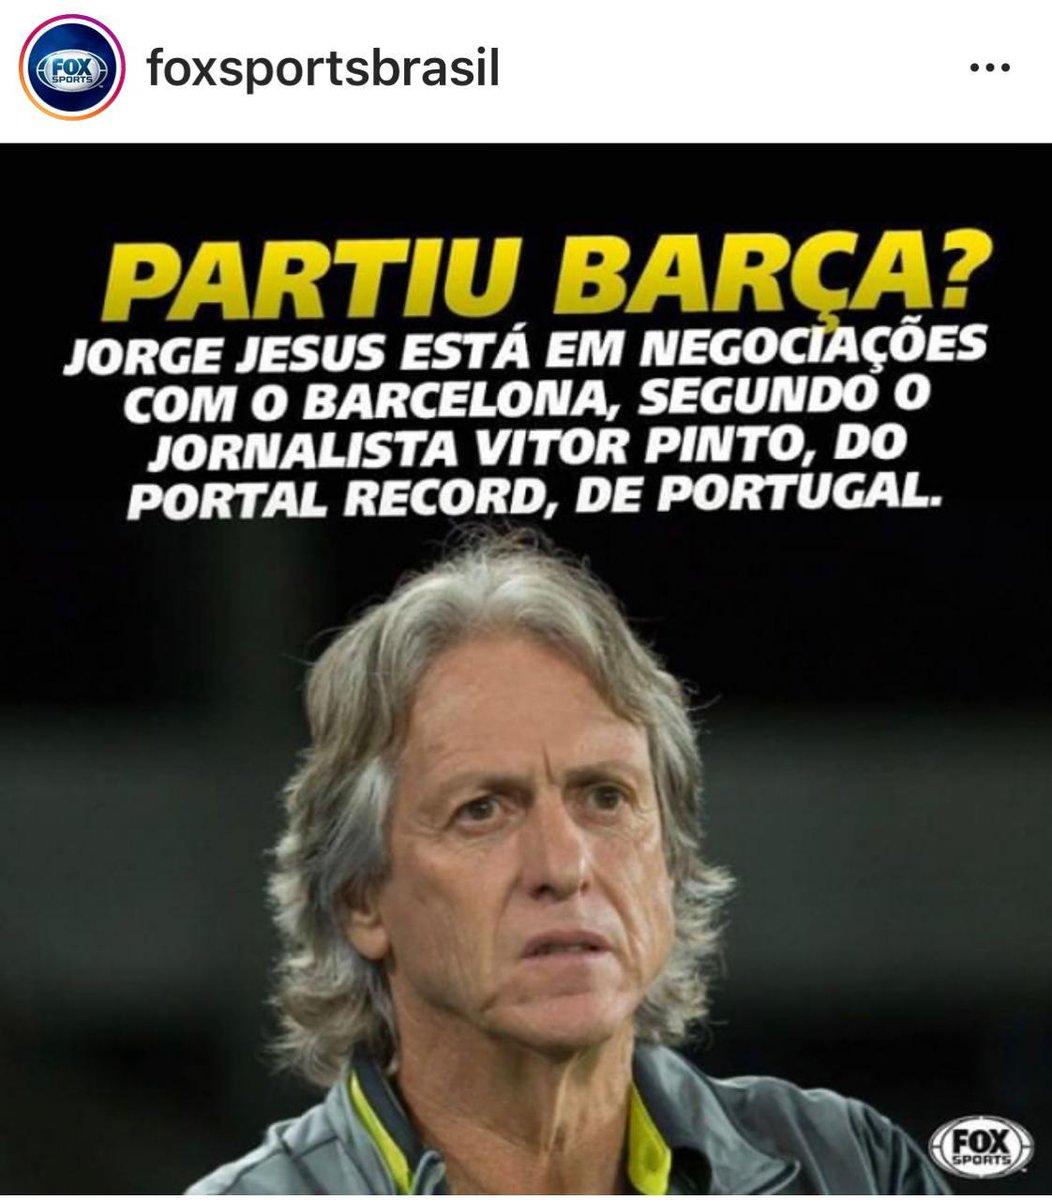 #Foxlixo cavando novamente a saída do Jorge Jesus do Flamengo. Os caras não cansam!